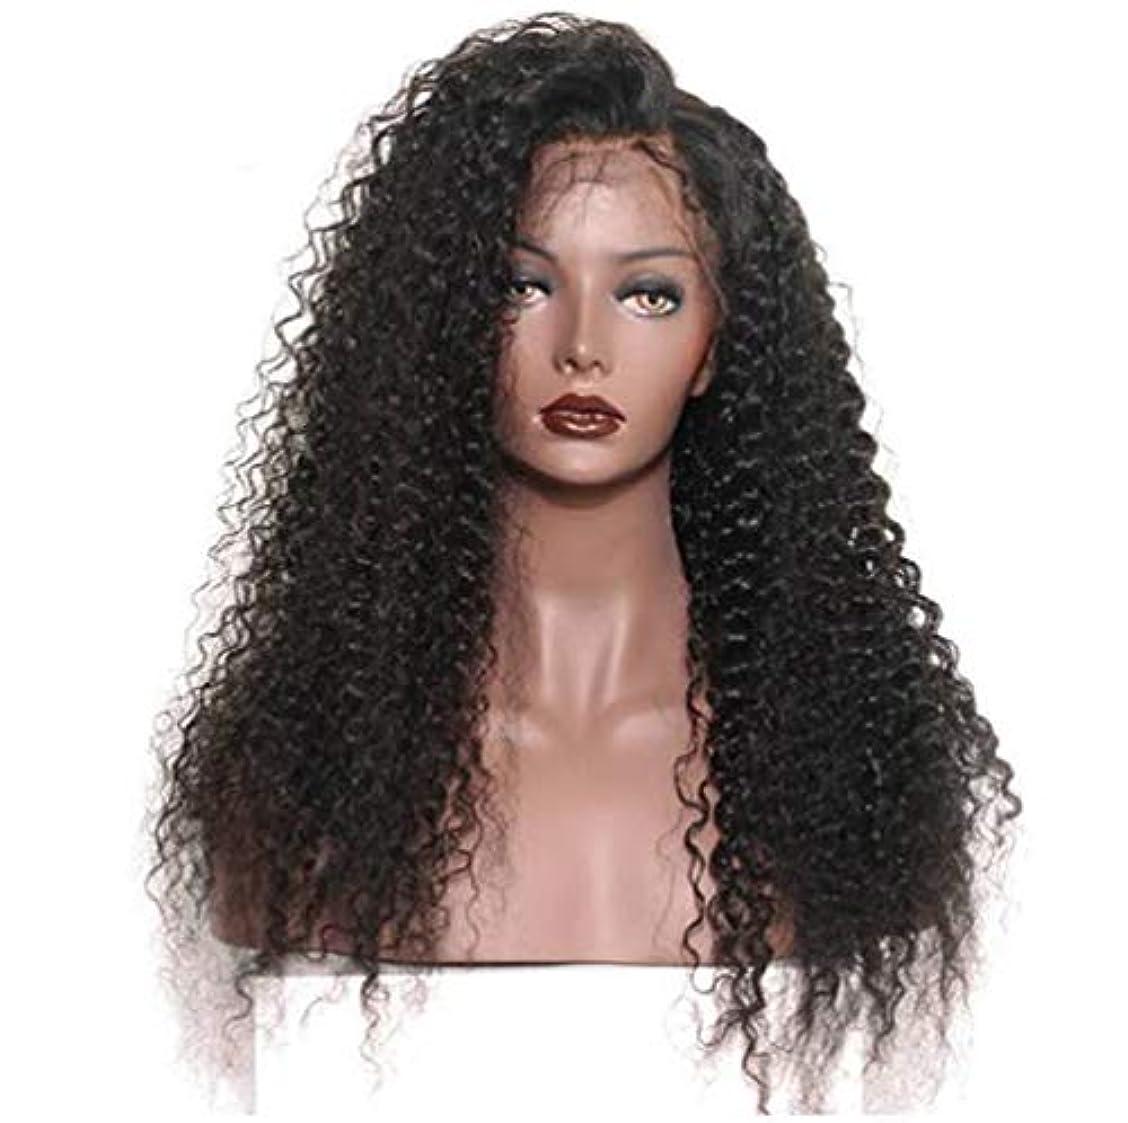 十代の若者たちフェミニン洞察力のある女性のレースフロントかつら人間の髪と赤ちゃんの毛合成ブラジルボディ波バージン毛150%密度黒24インチ